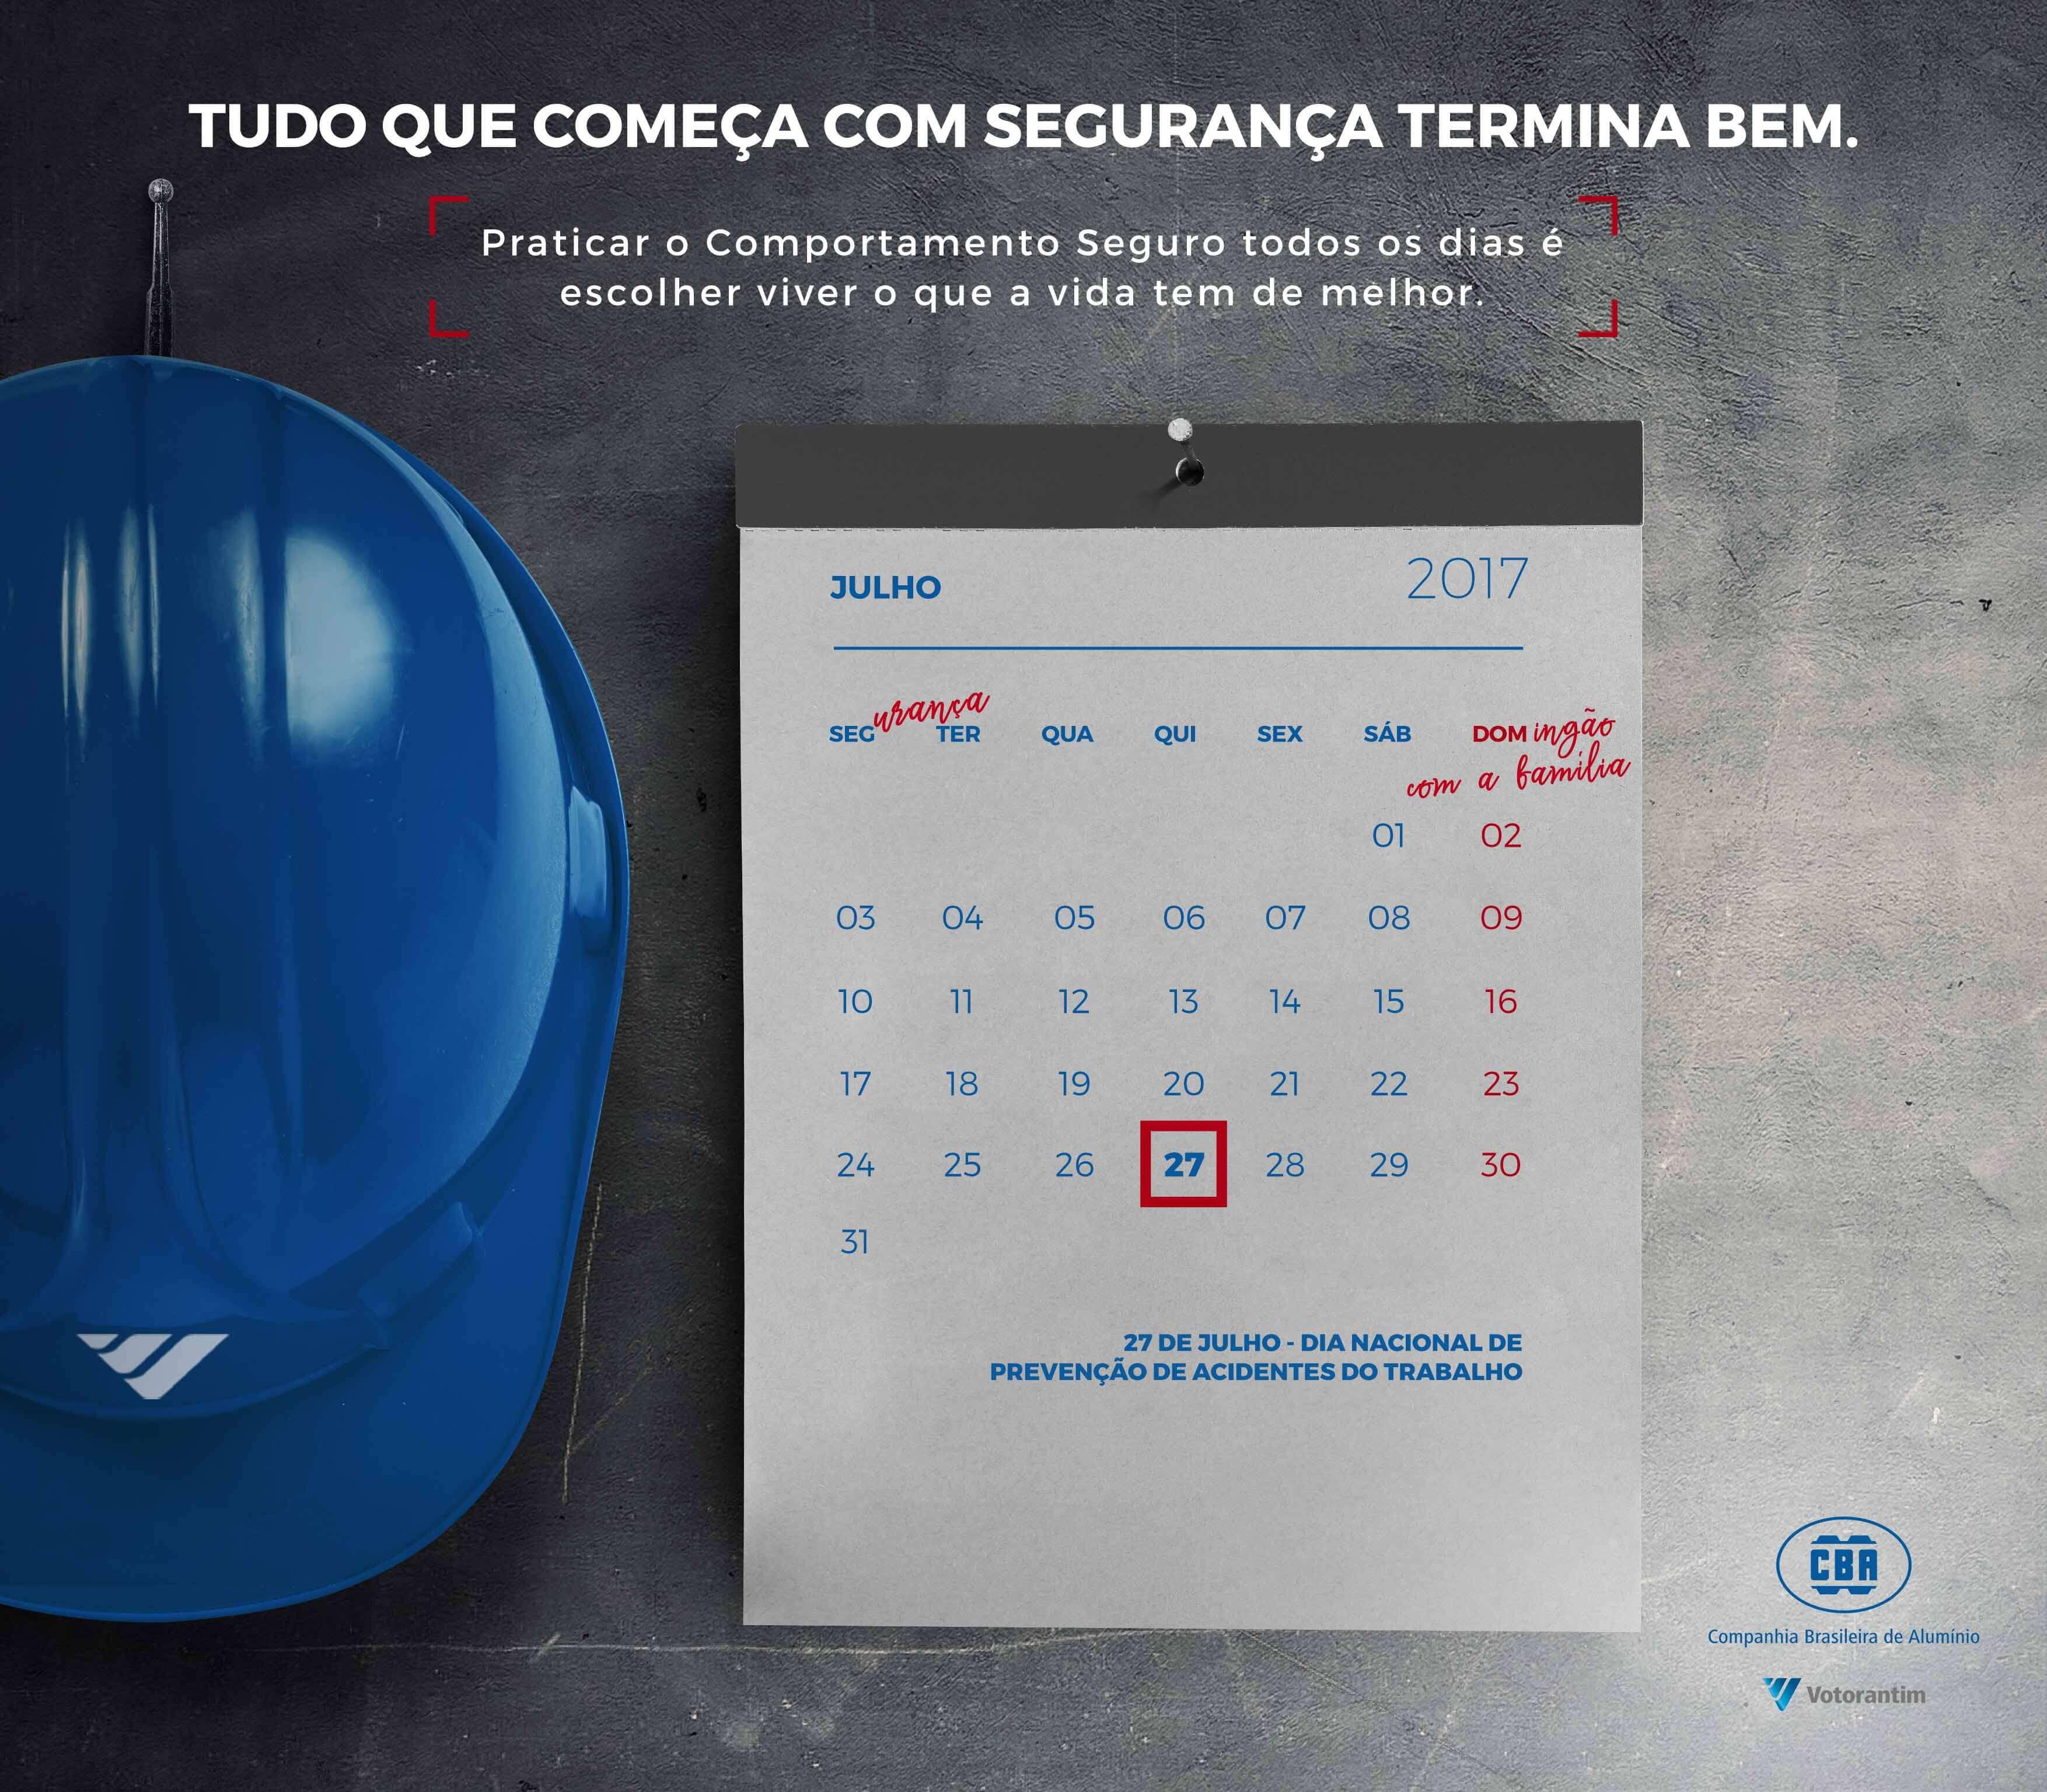 CBA – Dia Nacional de Prevenção de Acidentes do Trabalho